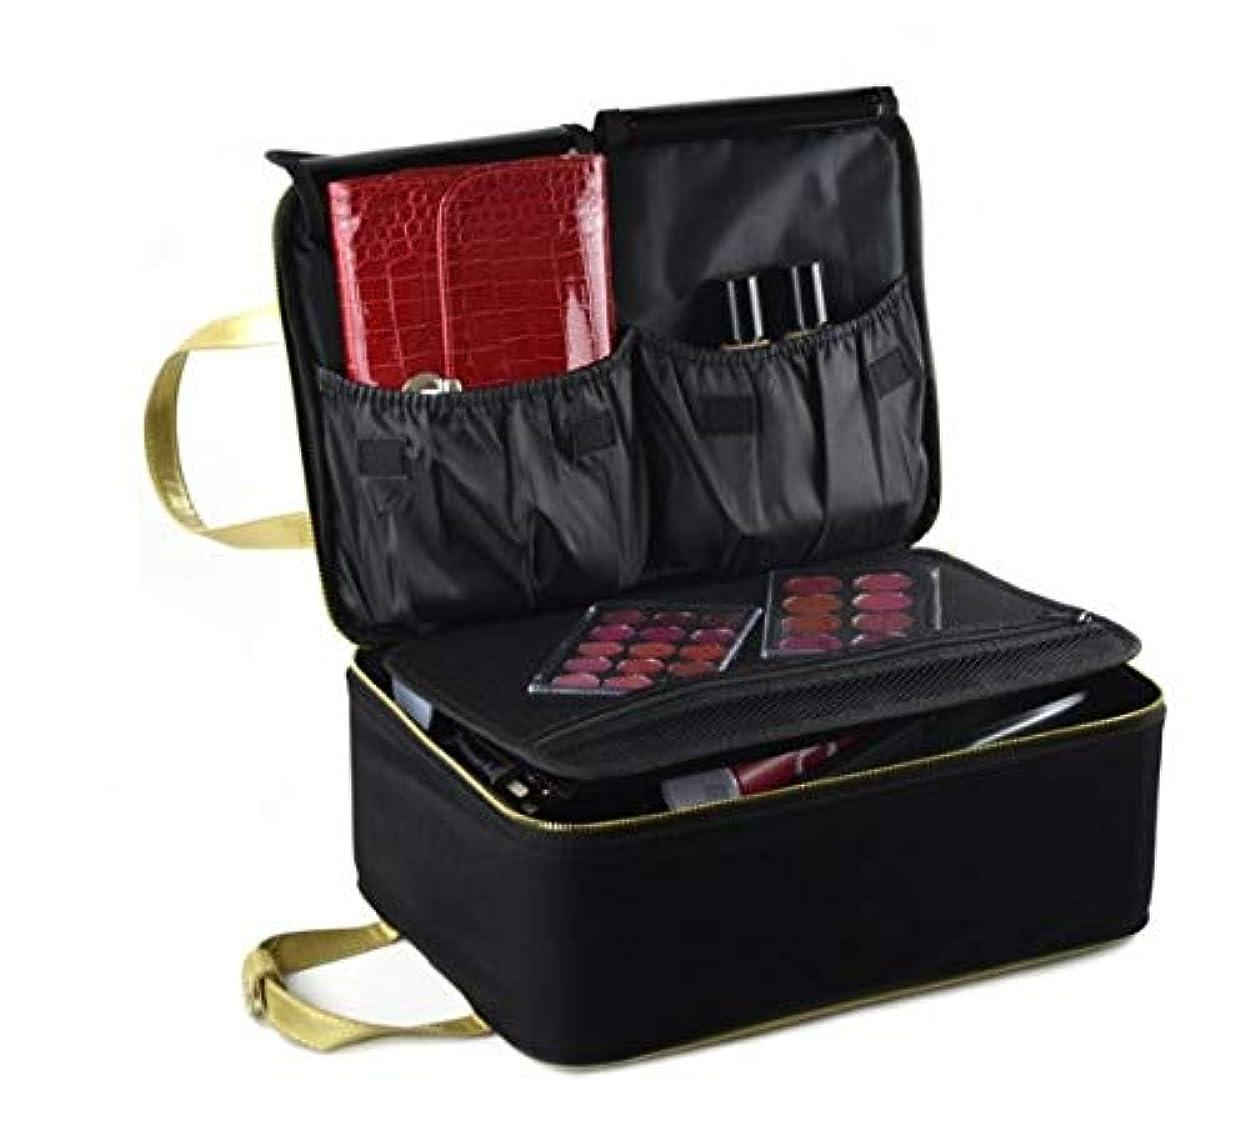 不屈指紋専門知識化粧箱、黒い携帯用化粧品の箱、携帯用旅行化粧品の箱、美の釘の宝石類の収納箱 (Size : S)